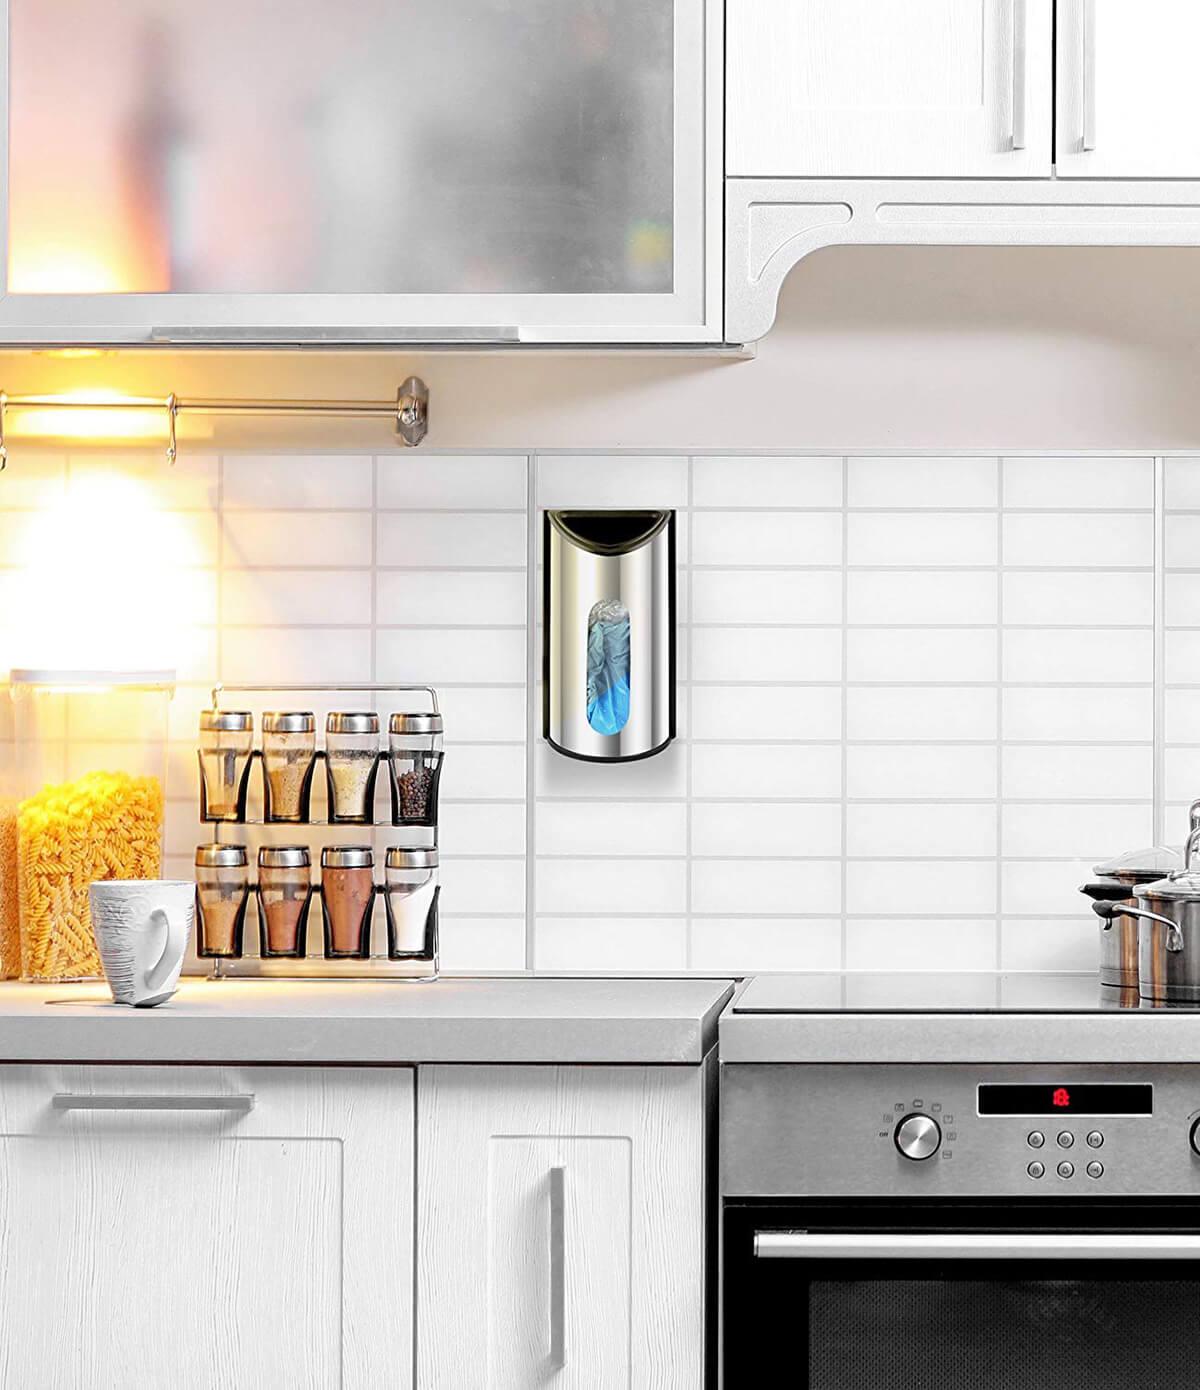 Советы для поддержания порядка и чистоты на кухне фото 5